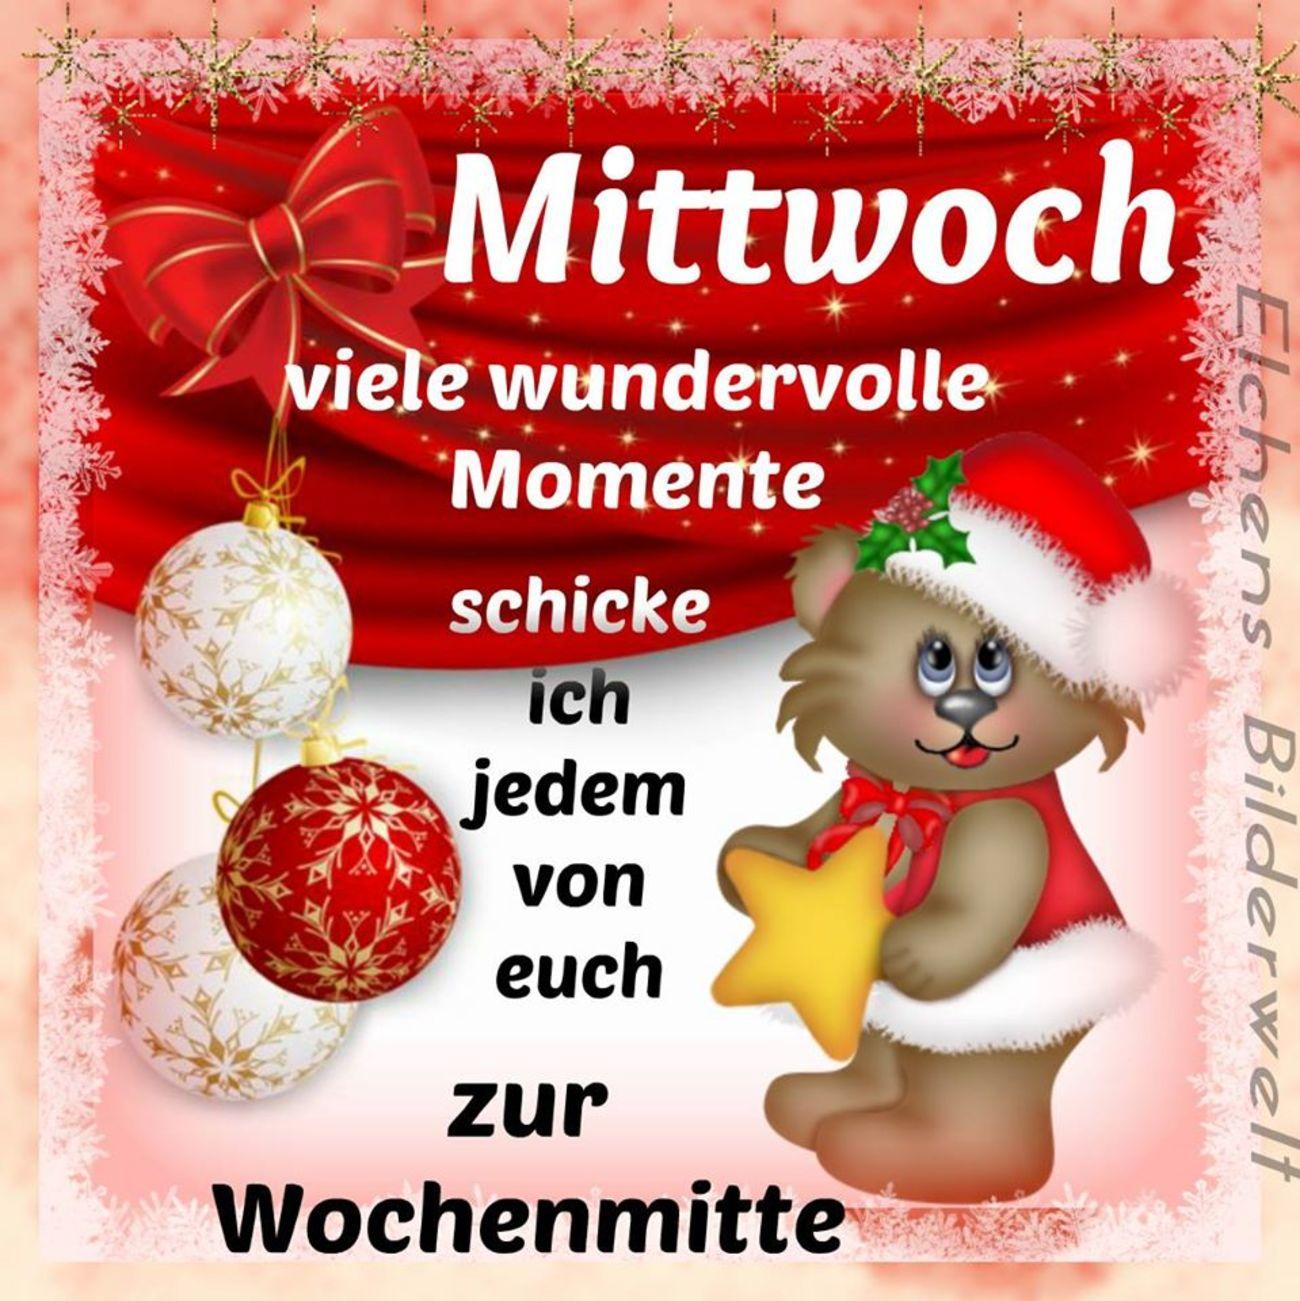 Schönen Mittwoch Weihnachten 23 Gbpicsbildercom